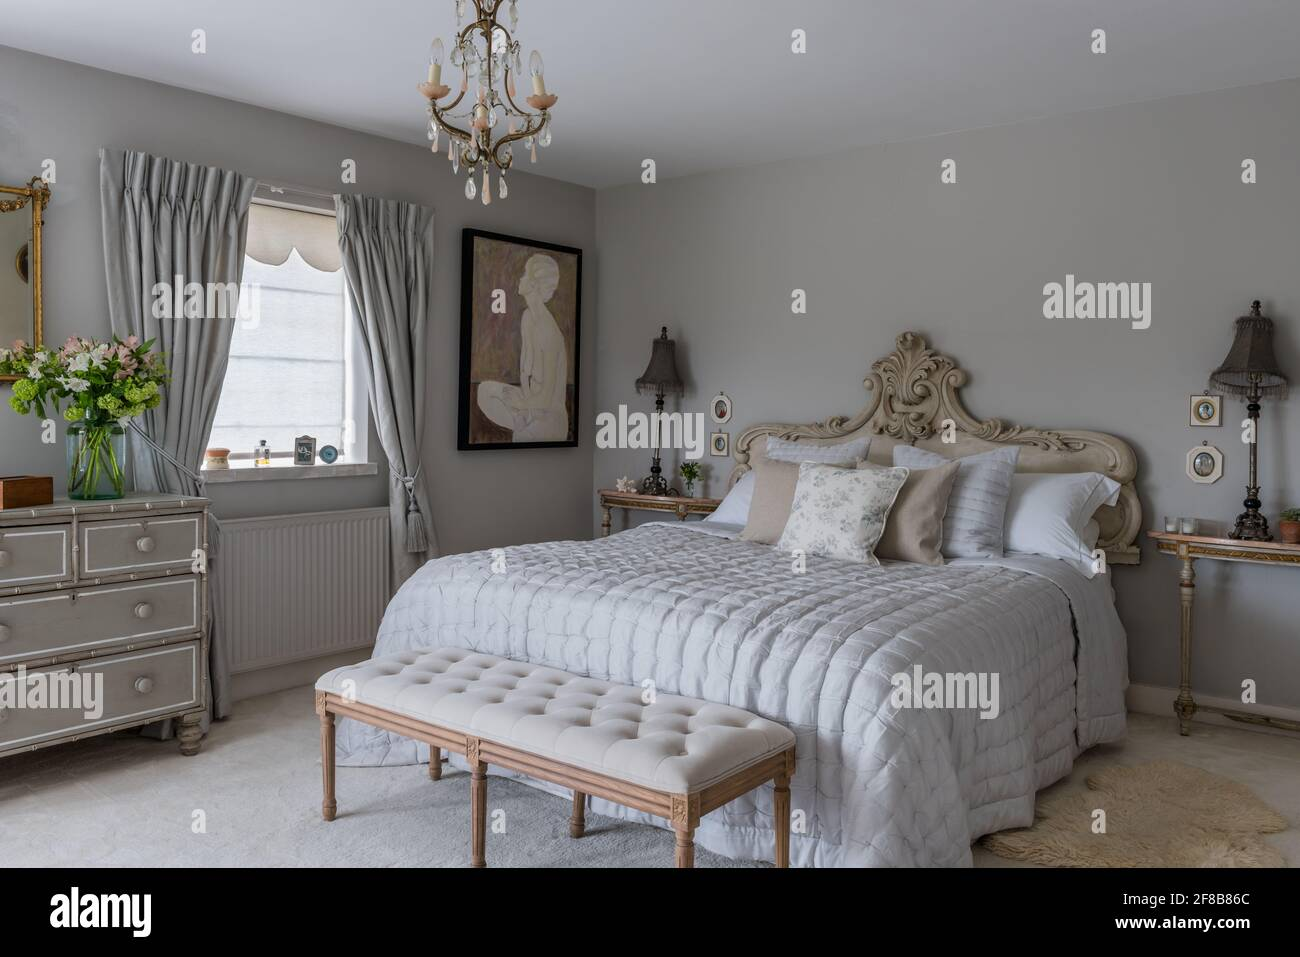 Tête de lit en mousseline avec murs dans la salle des lampes grise dans la chambre côtière du West Sussex. Banque D'Images